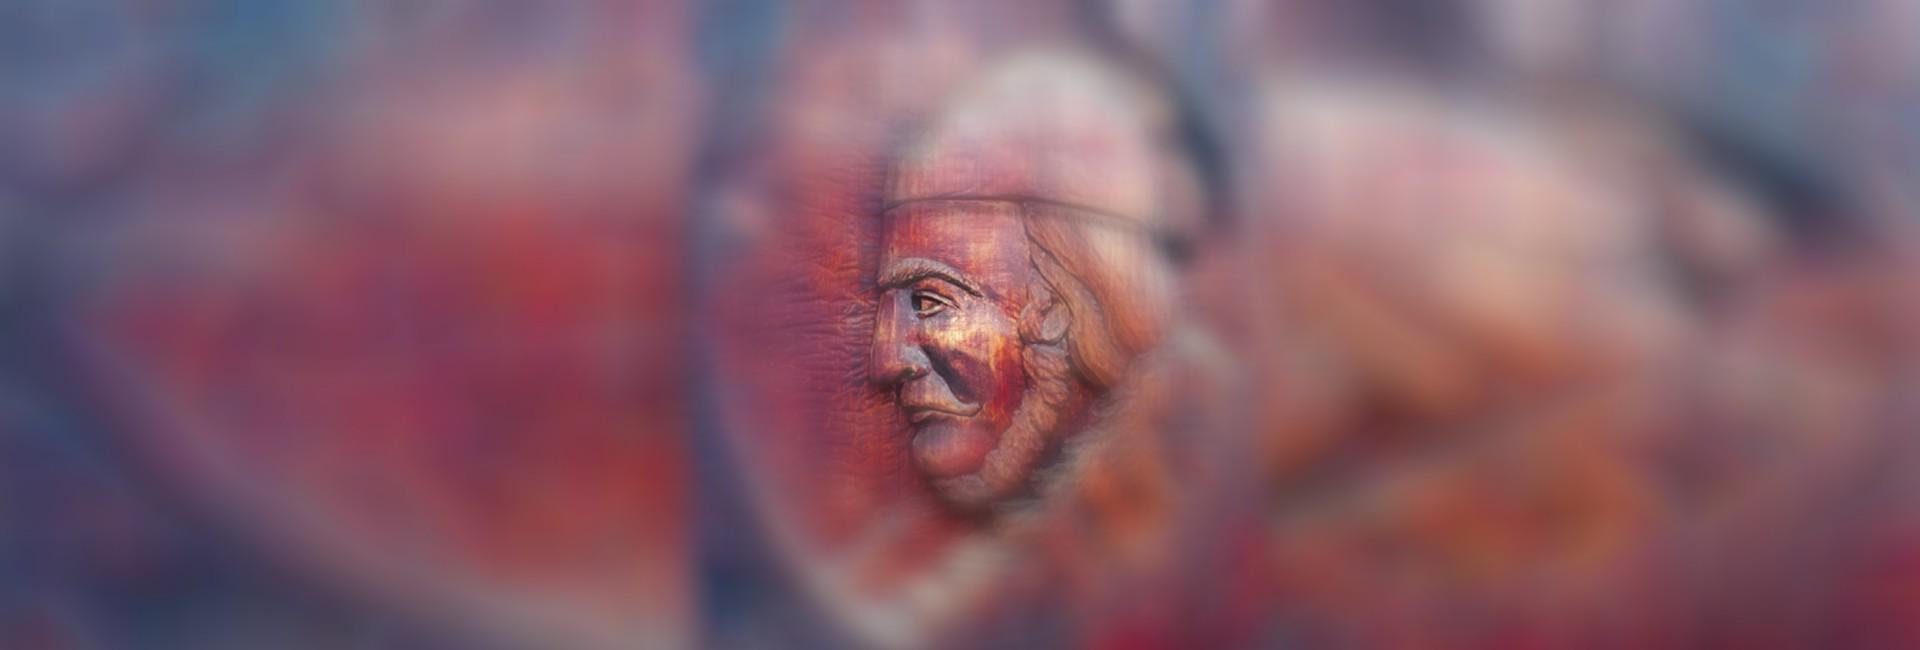 Anton Pann autor folclorul fabula românească muzică biserică slider